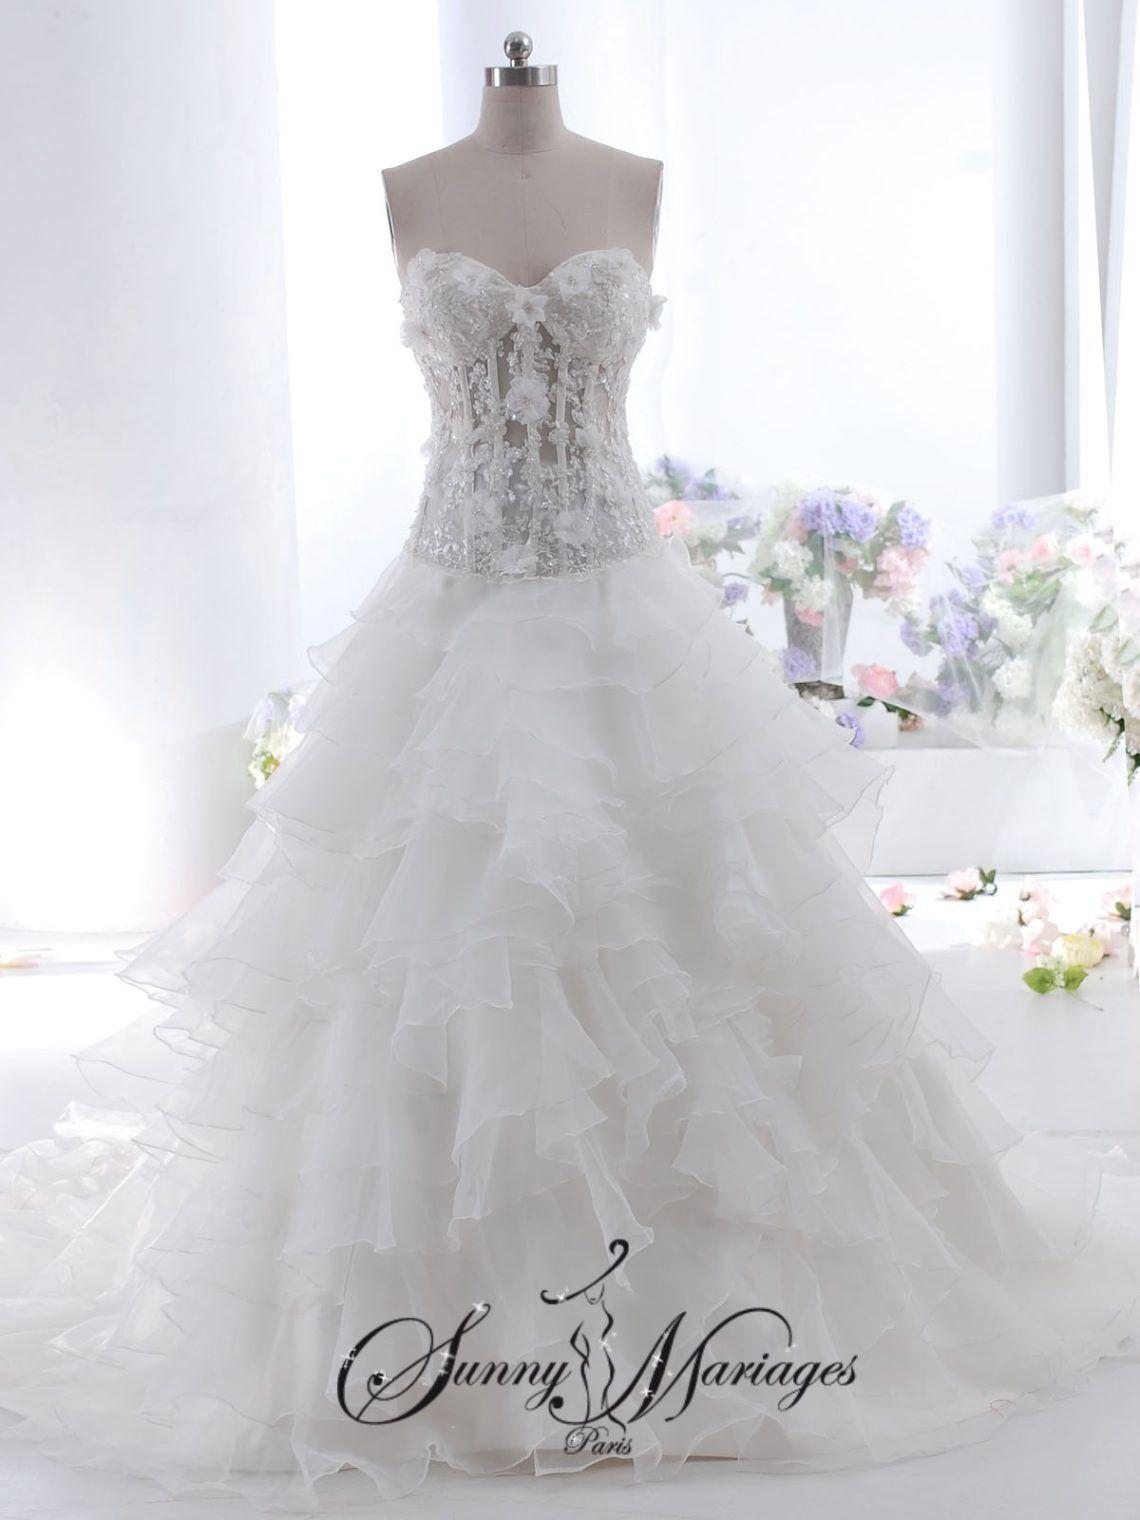 Épinglé sur Robes de mariées transparentes